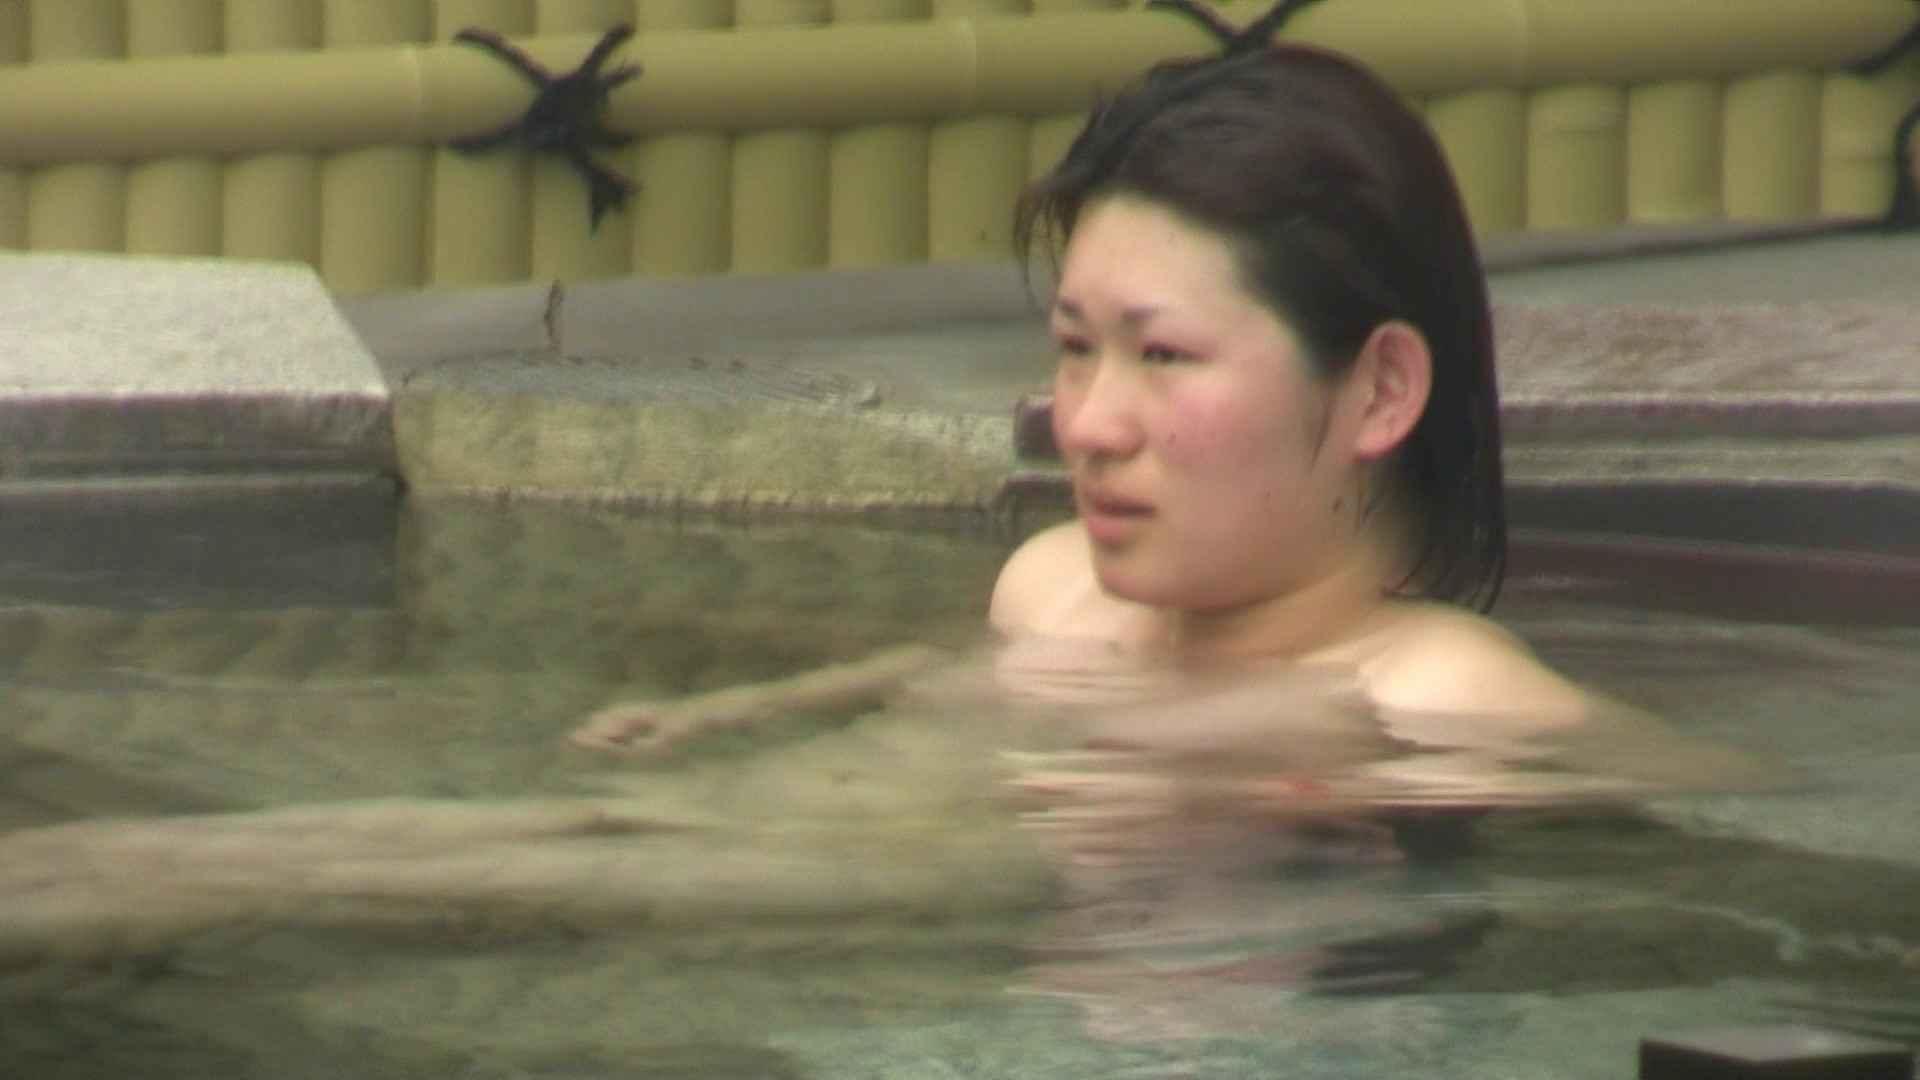 Aquaな露天風呂Vol.673 0  91pic 60